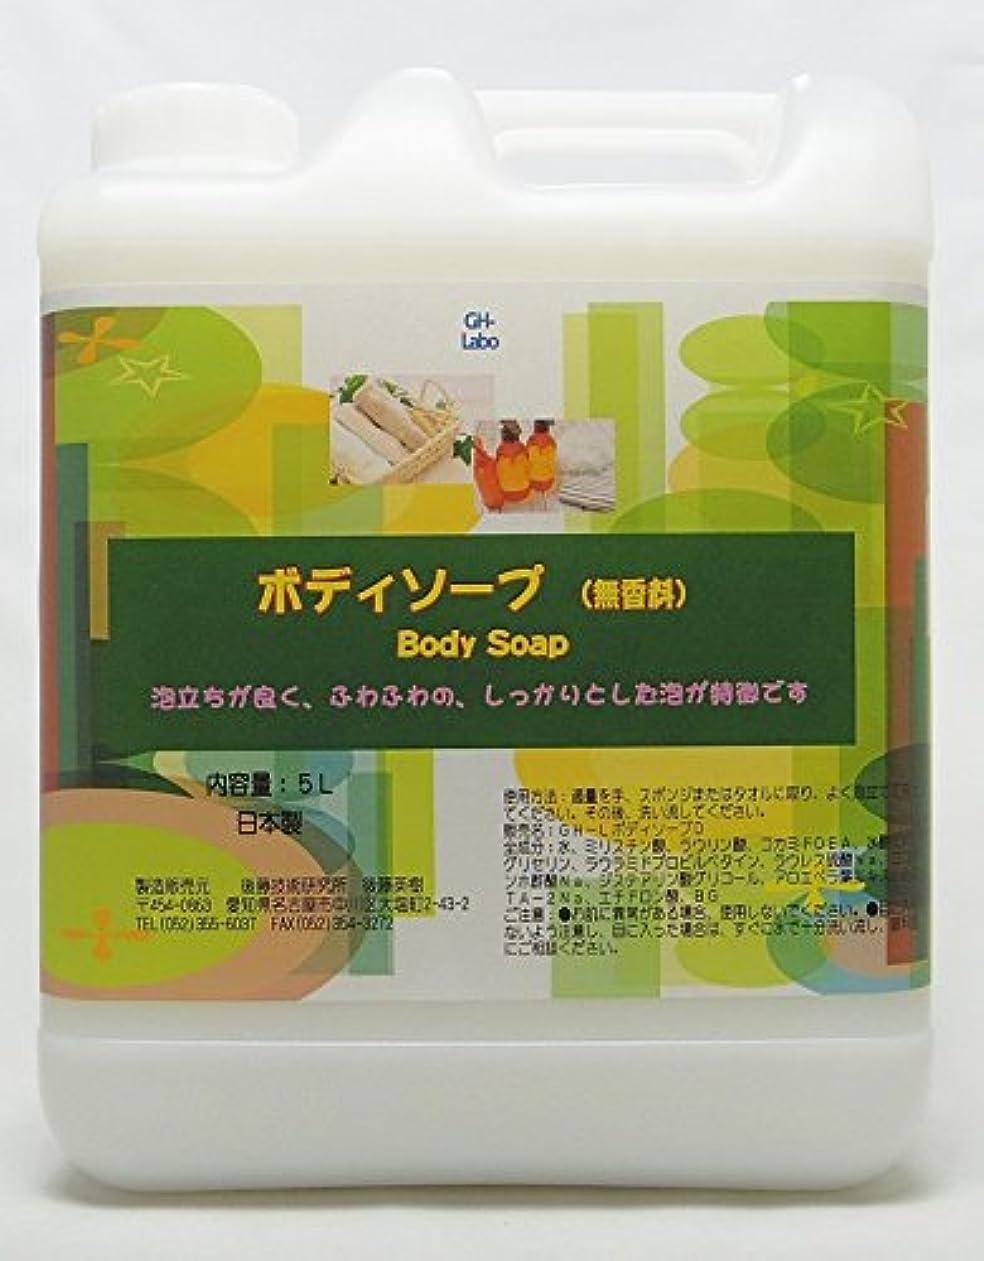 ぬれた不均一批判的にGH-Labo 業務用ボディソープ 無香料 5L